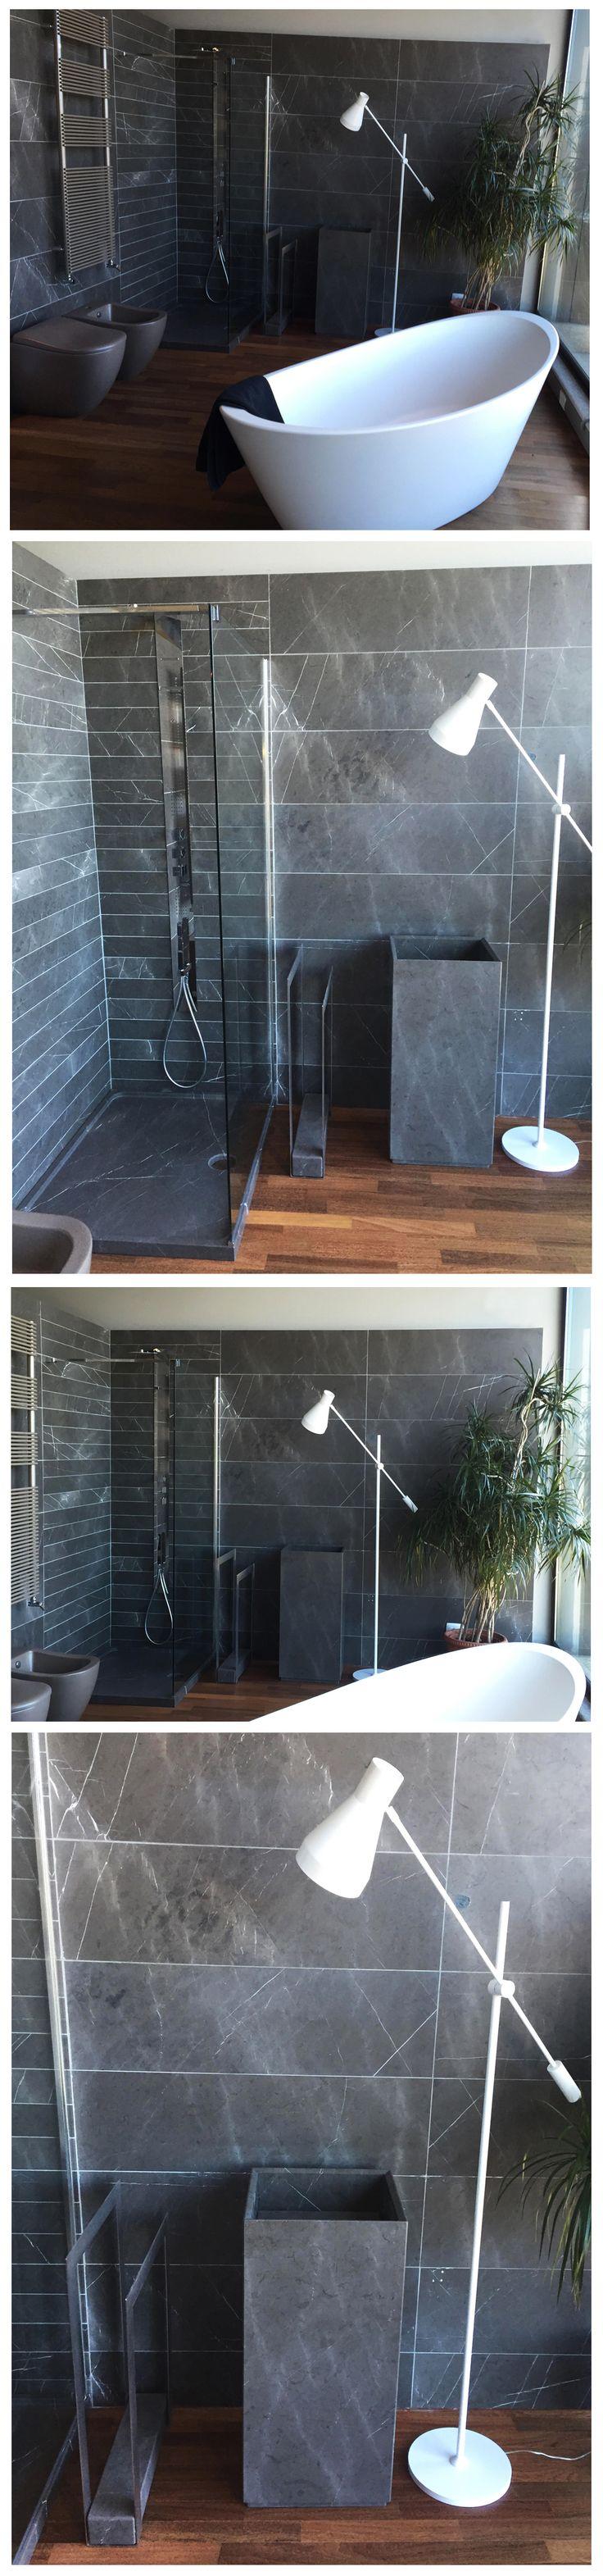 Soluzione #arredamento #bagno in #pietra naturale grigio venato: rivestimento #pareti - piatto #doccia PIATTO www.signweb.it/prodotti/piatto-2/ - #lavabo TESO www.signweb.it/prodotti/teso/ - porta salviette FOGLIO www.signweb.it/prodotti/foglio-2/. #Vasca ORIGINE in Astone www.signweb.it/prodotti/origine-3/. __ Showroom CANAVESI - Tradate (VA)